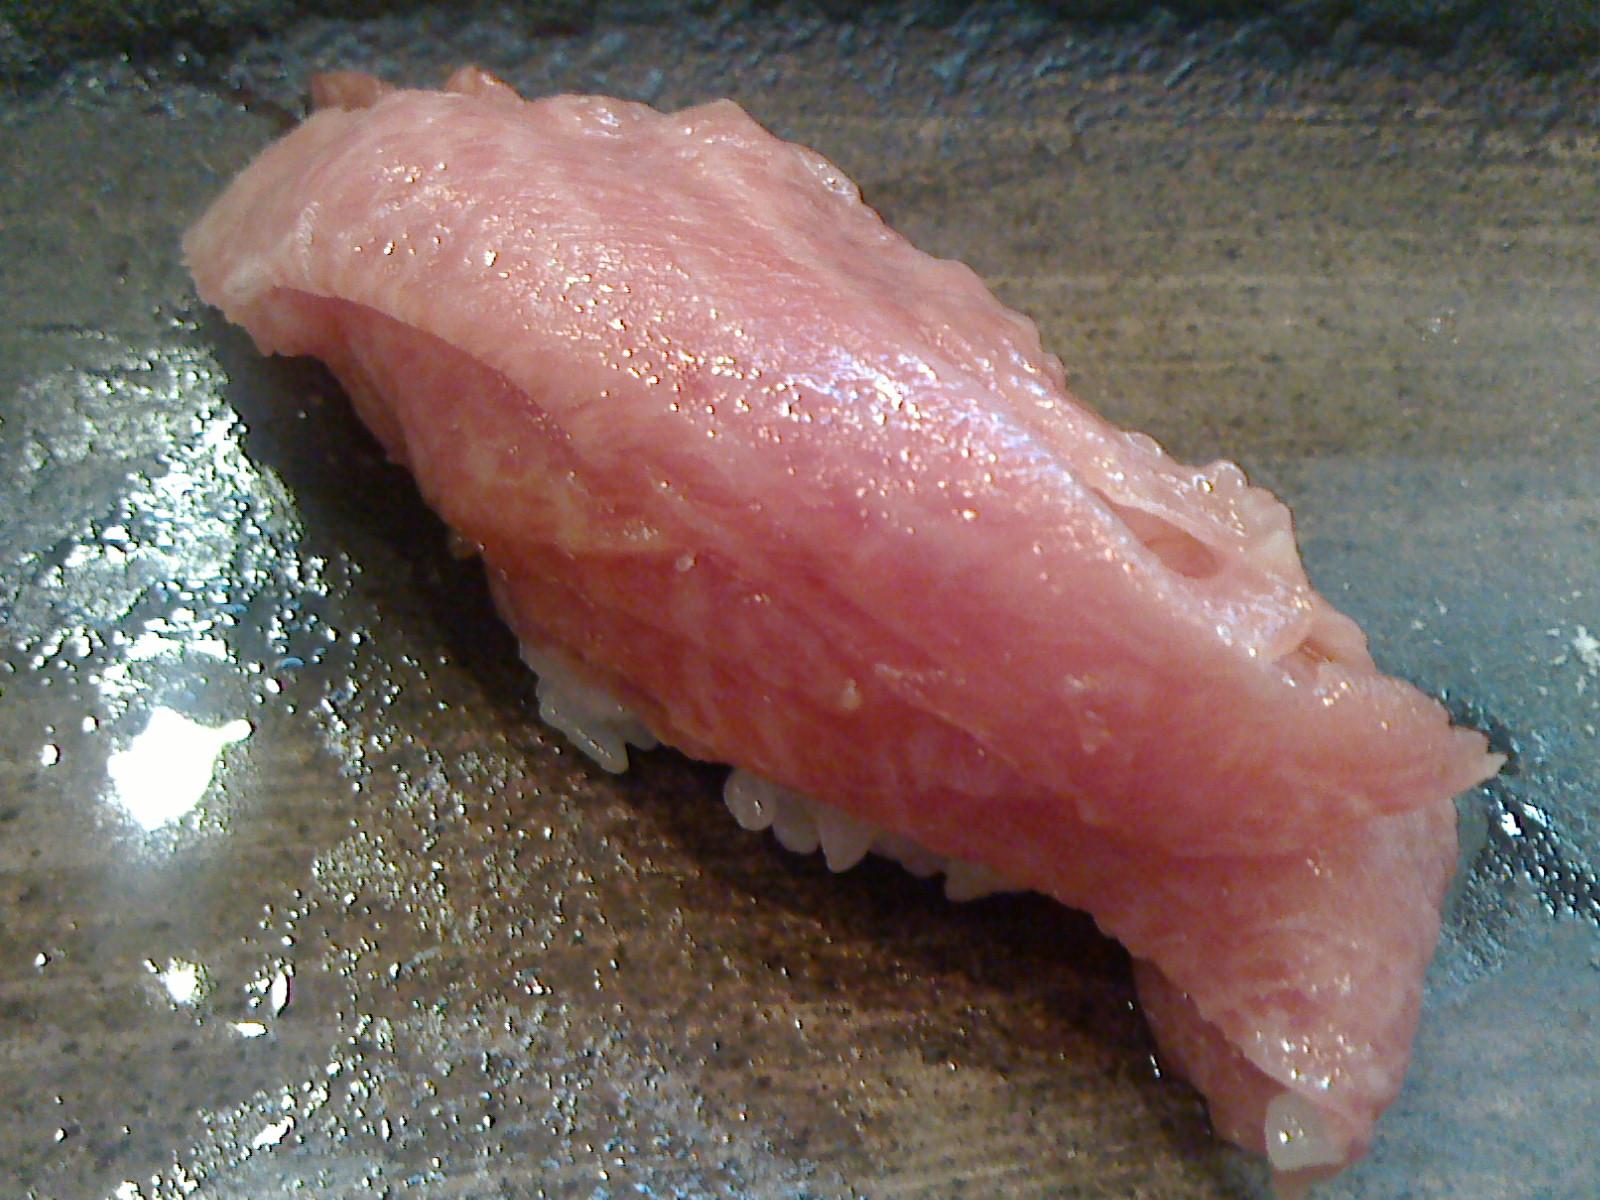 千葉でとても美味しいお寿司をお腹いっぱいいただきました。_c0225997_1143522.jpg